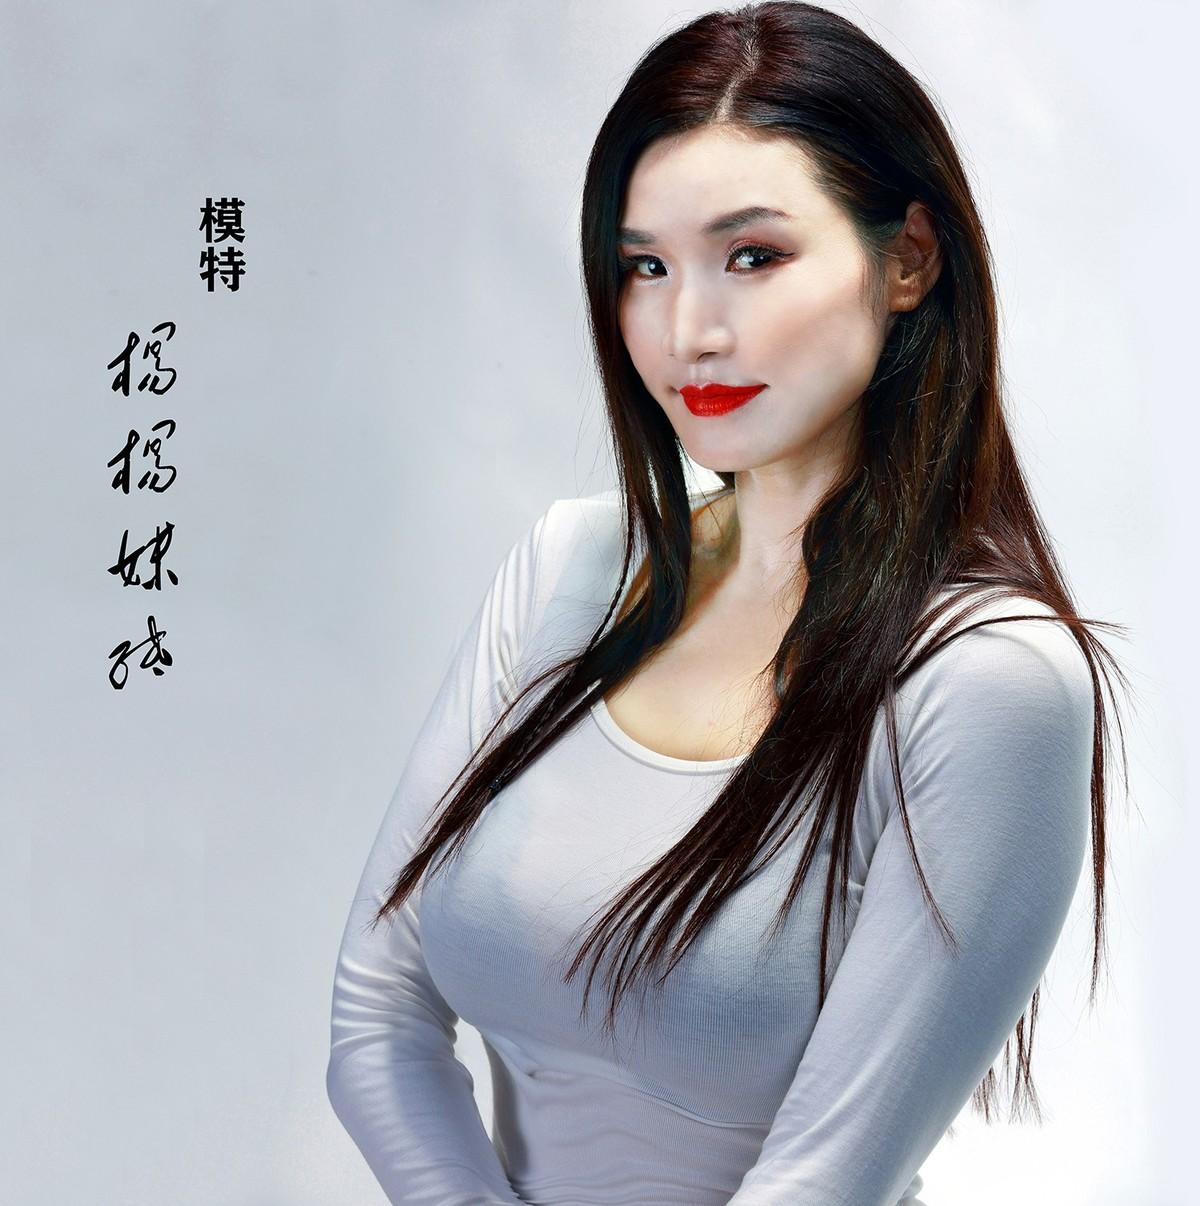 模特杨杨妹纸